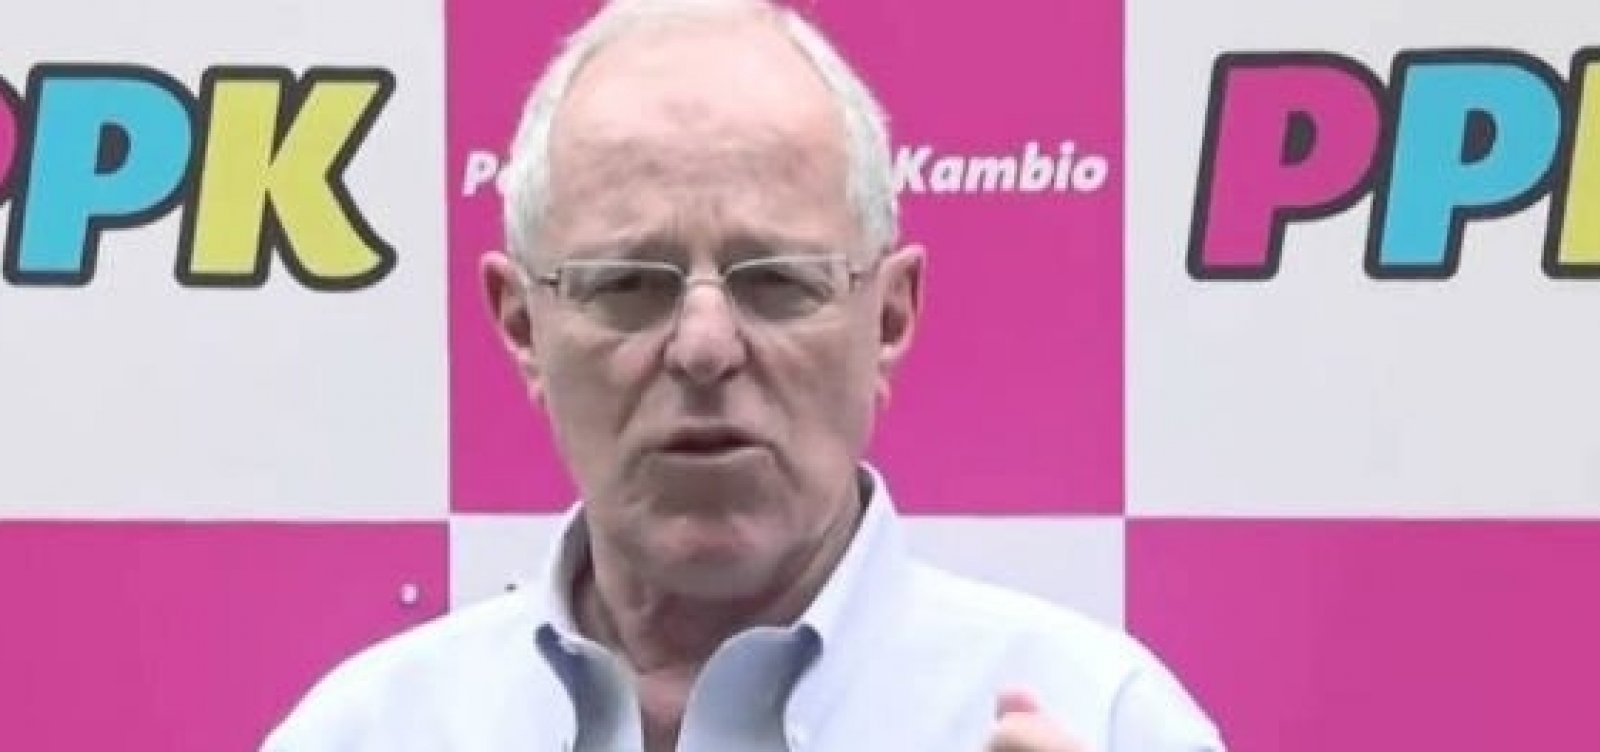 [Preso há uma semana, PPK é hospitalizado no Peru]